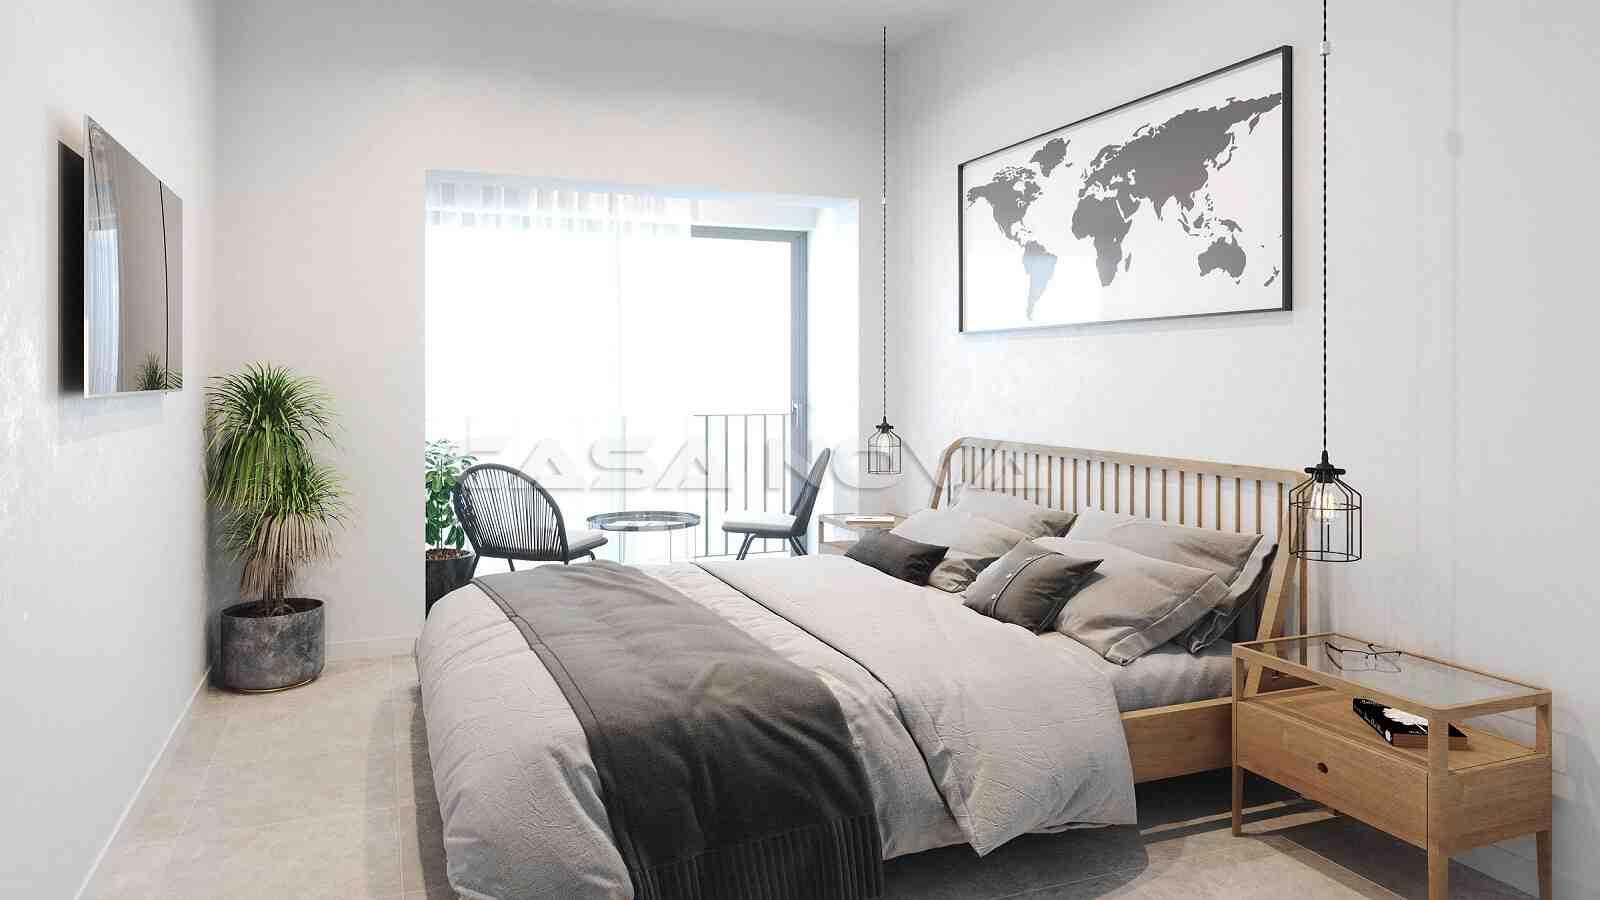 Doppelschlafzimmer mit großen Fensterelementen